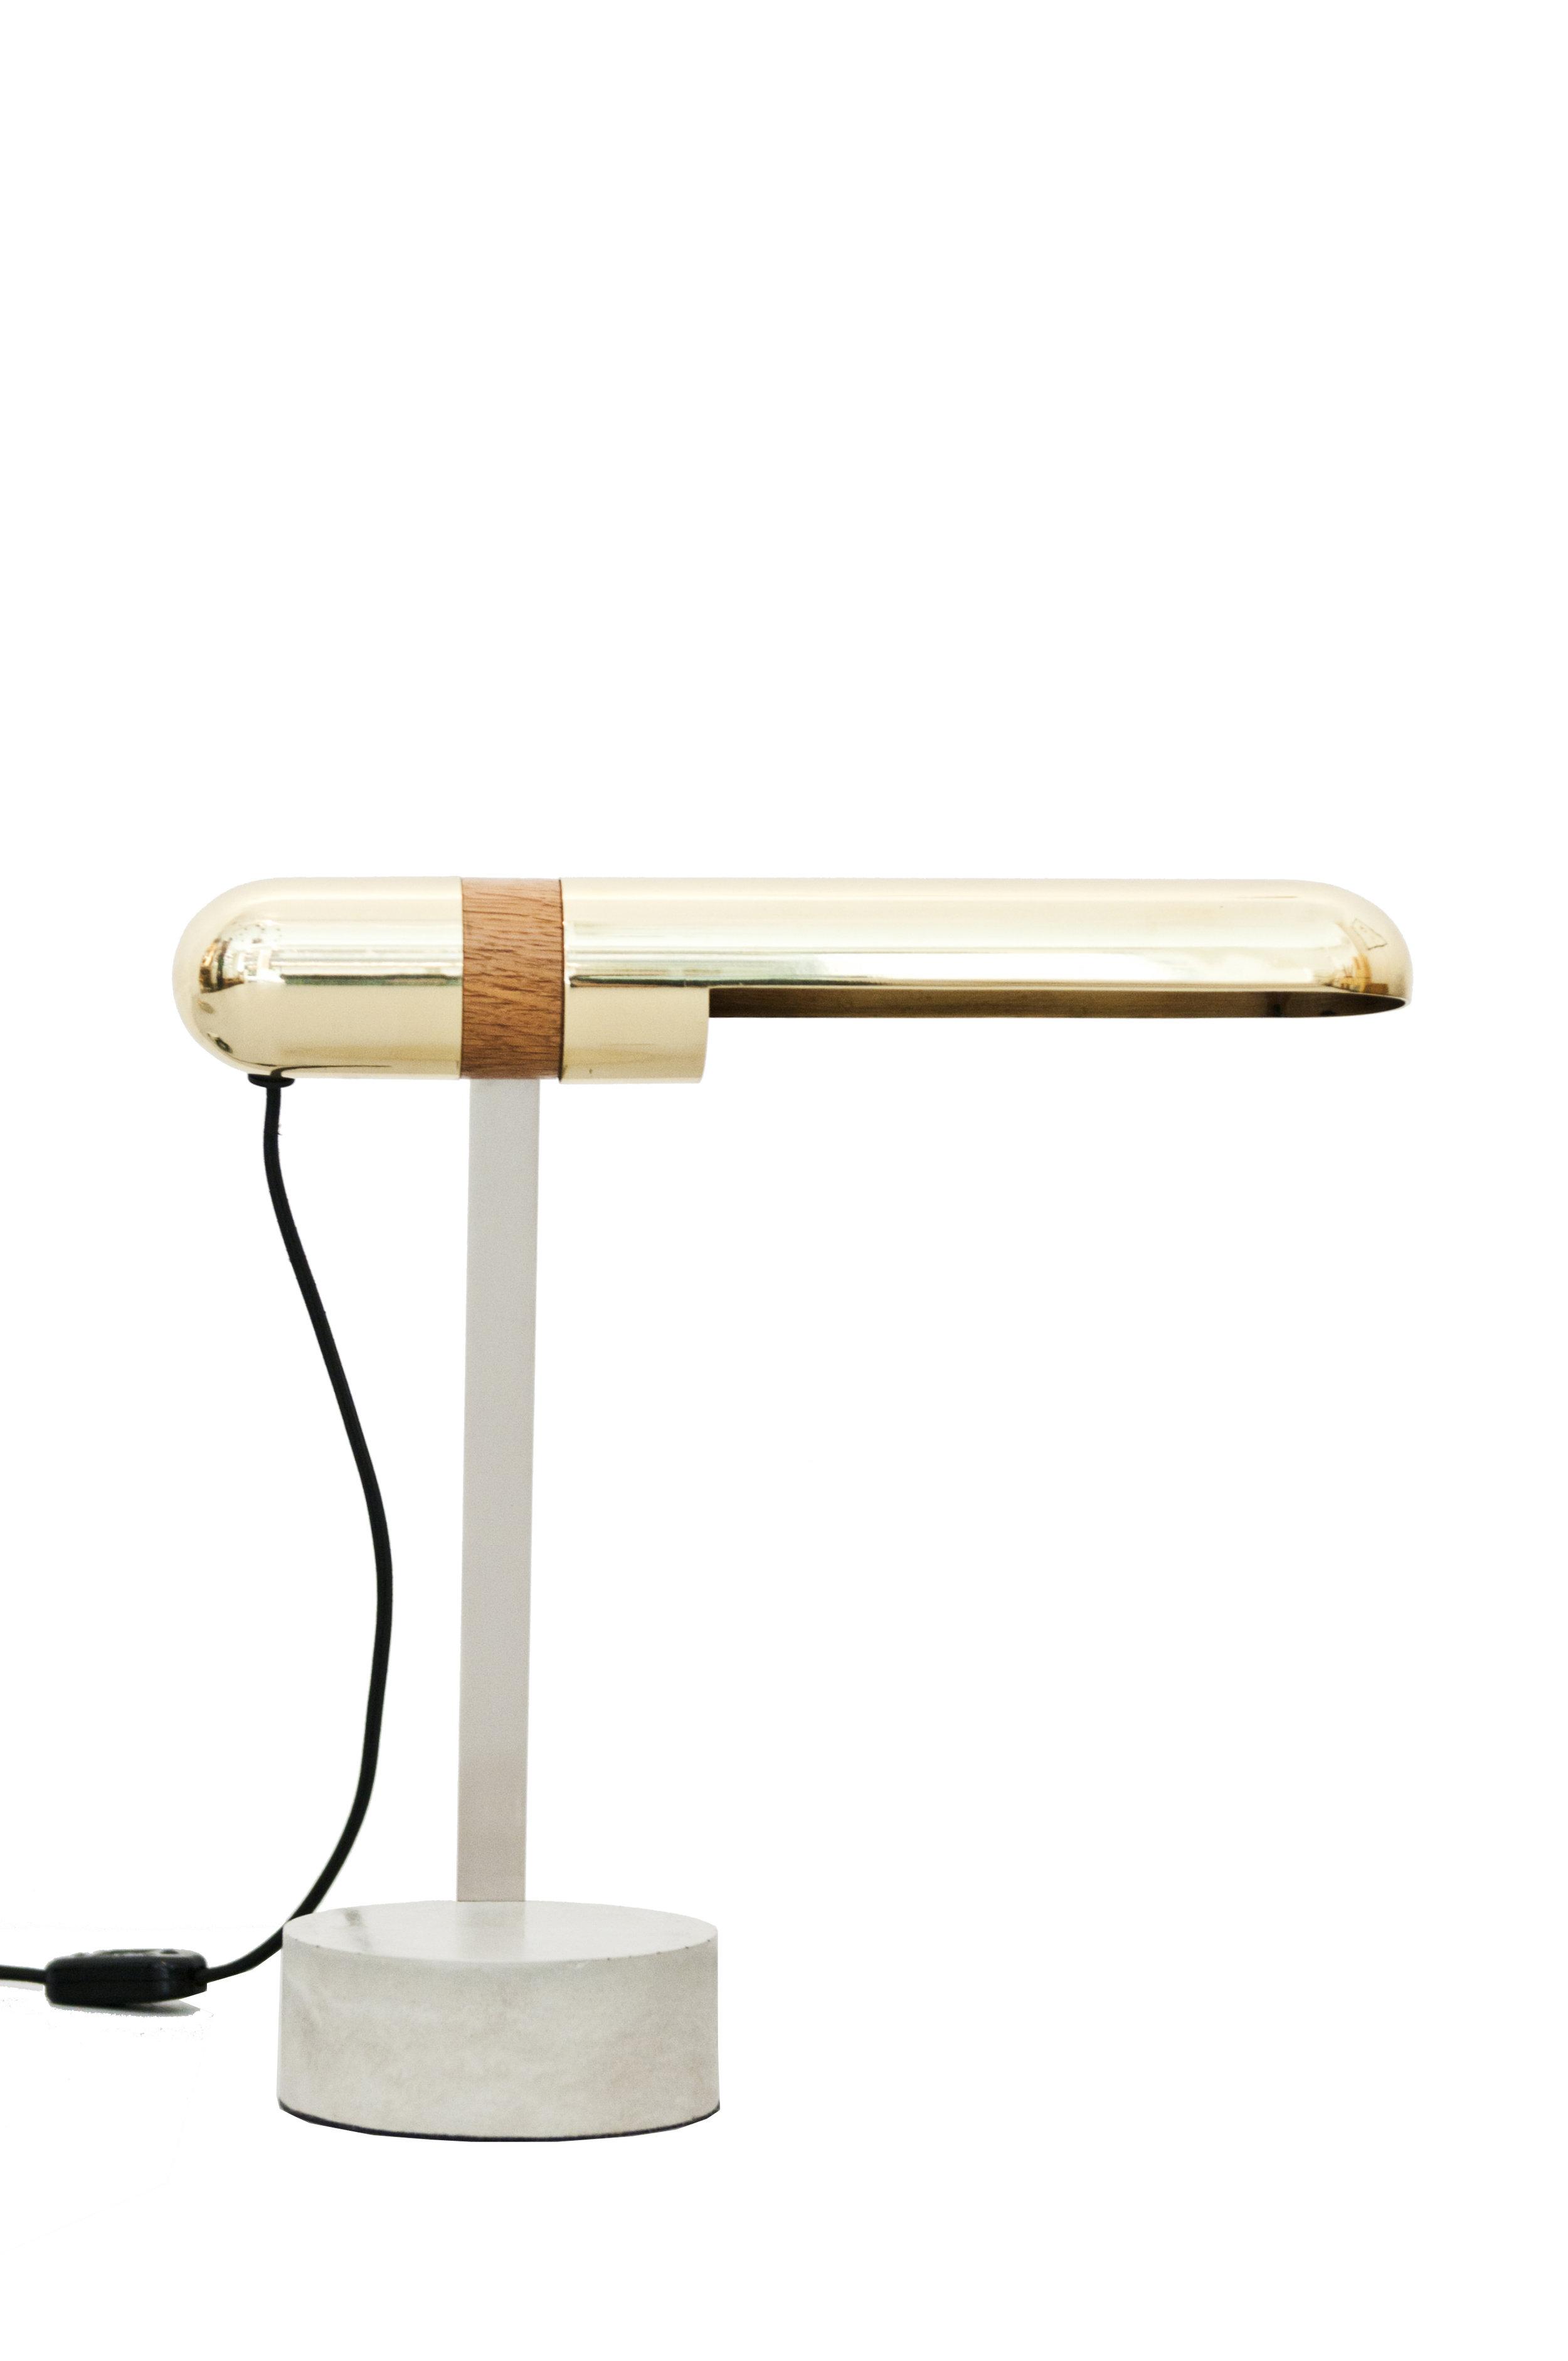 PlantandMoss_Akita_Desk_Lamp_DE.jpg